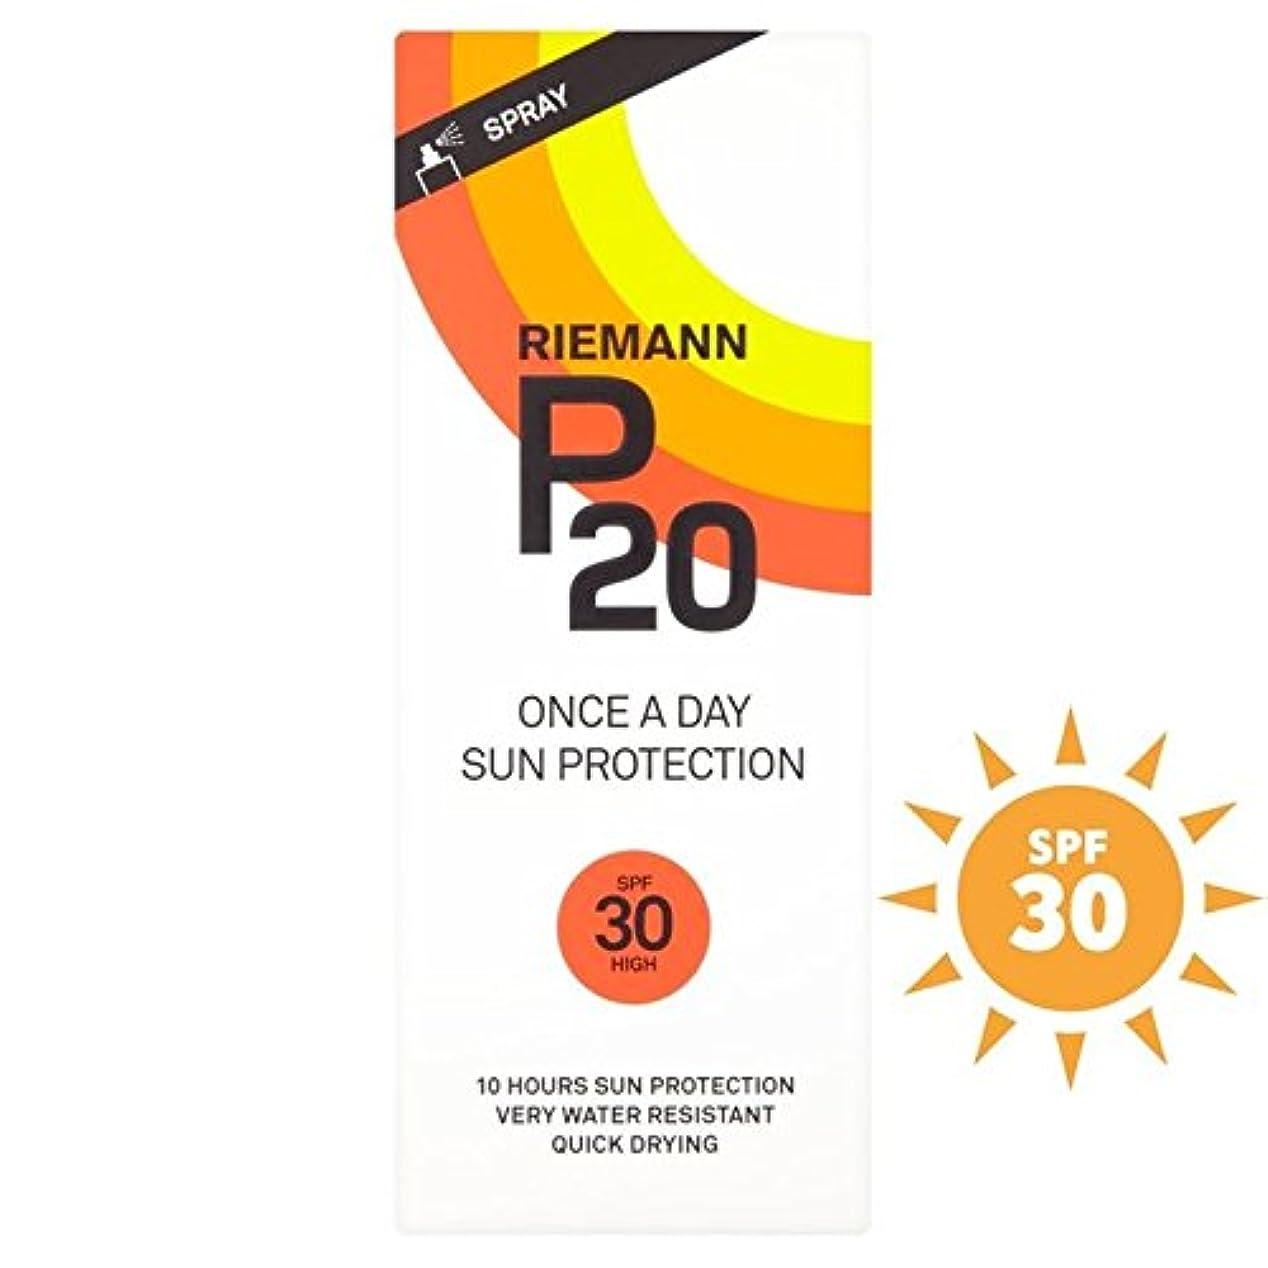 アルファベット燃やす間接的リーマン20 30 1日/ 10時間の保護200ミリリットル x4 - Riemann P20 SPF30 1 Day/10 Hour Protection 200ml (Pack of 4) [並行輸入品]